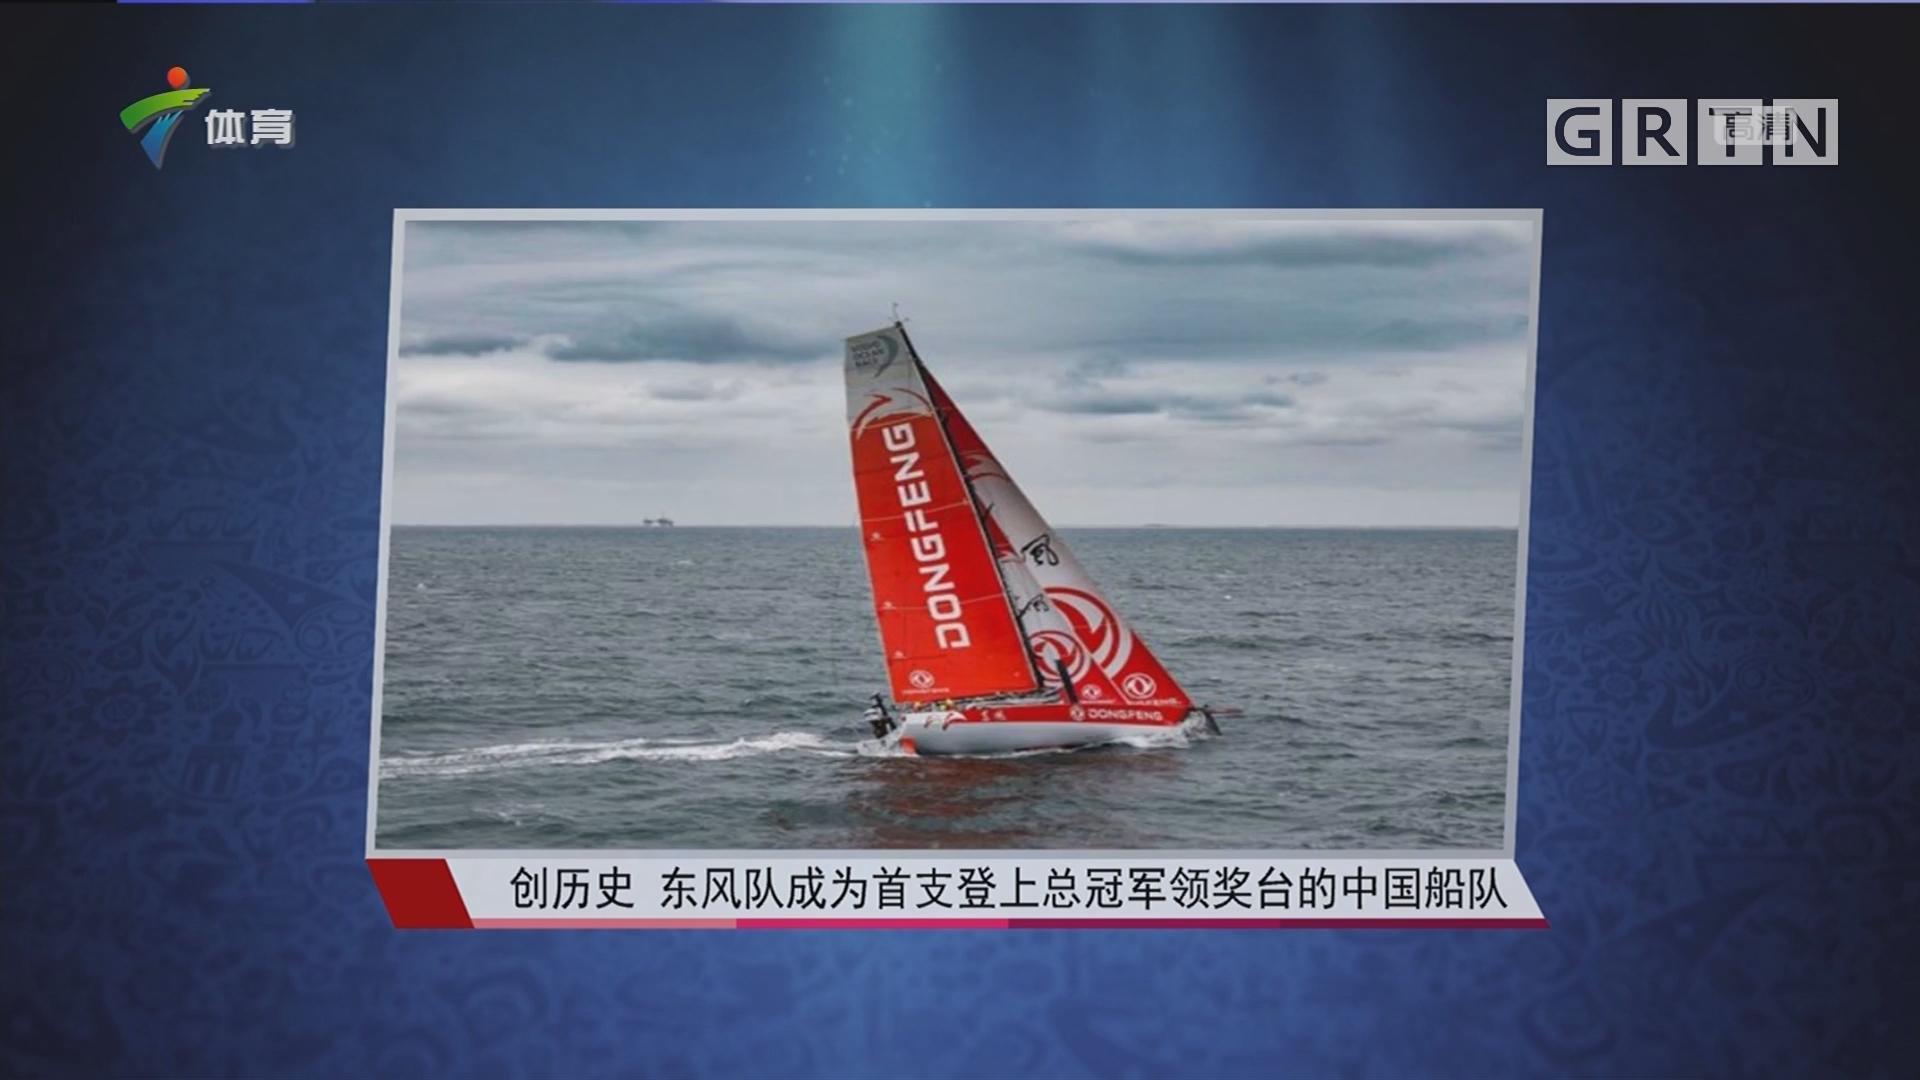 创历史 东风队成为首支登上总冠军领奖台的中国船队